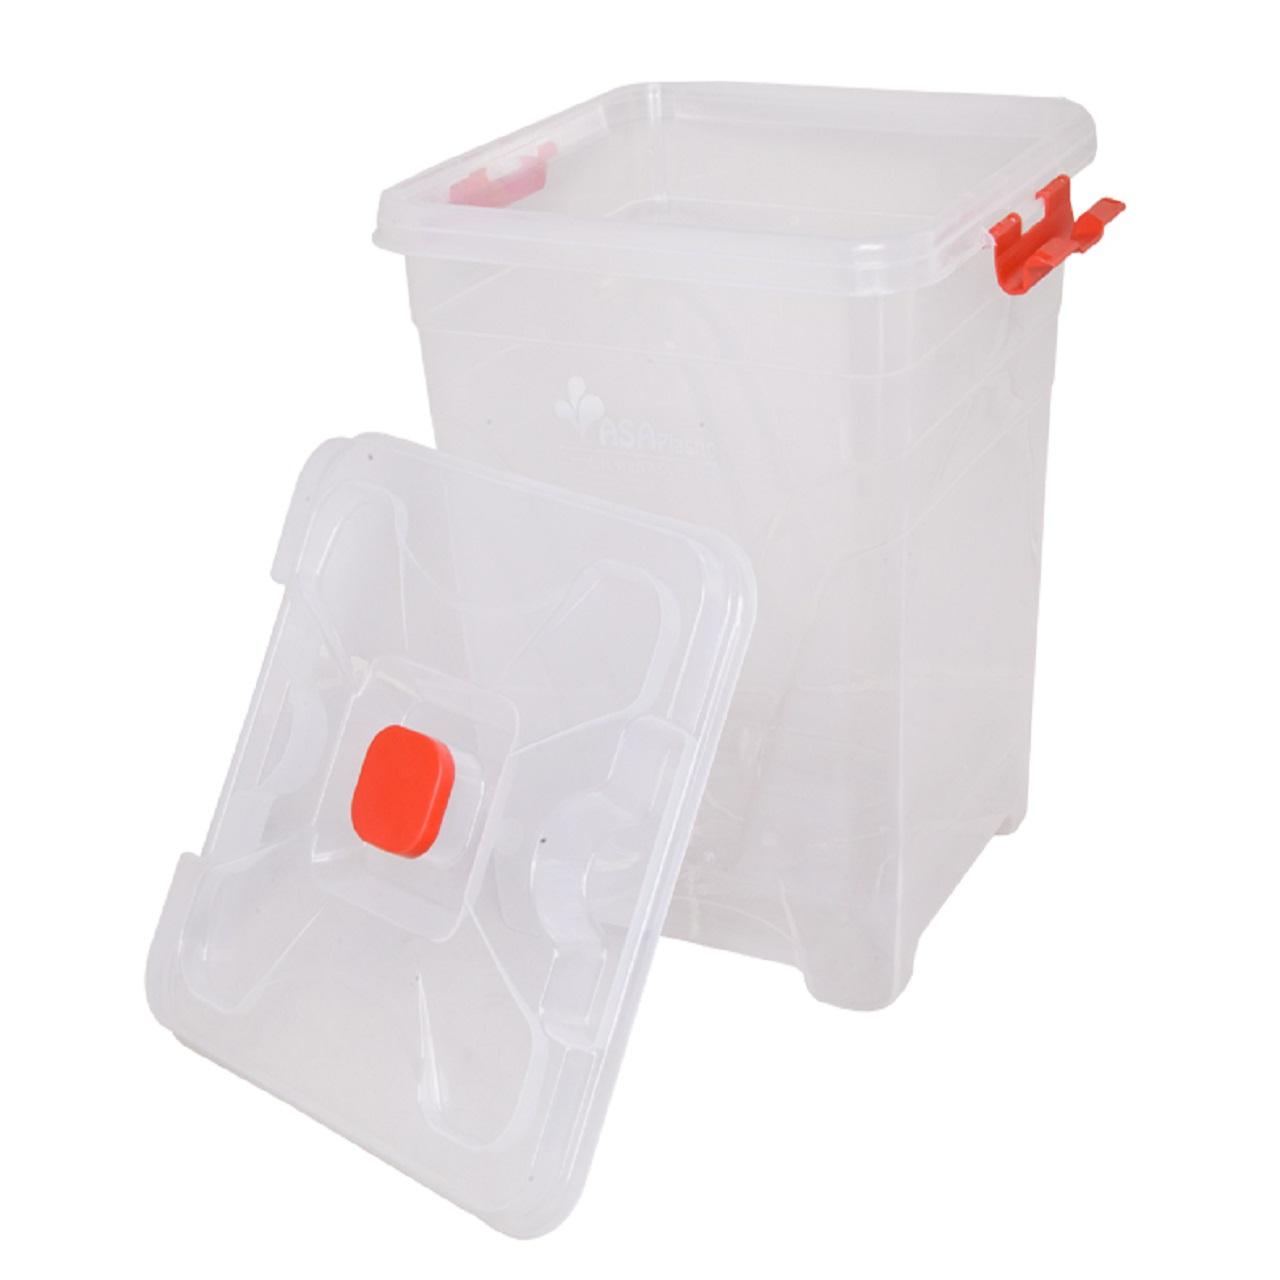 ظرف نگهدارنده آسا پلاستیک مدل 510 ظرفیت 20 لیتر